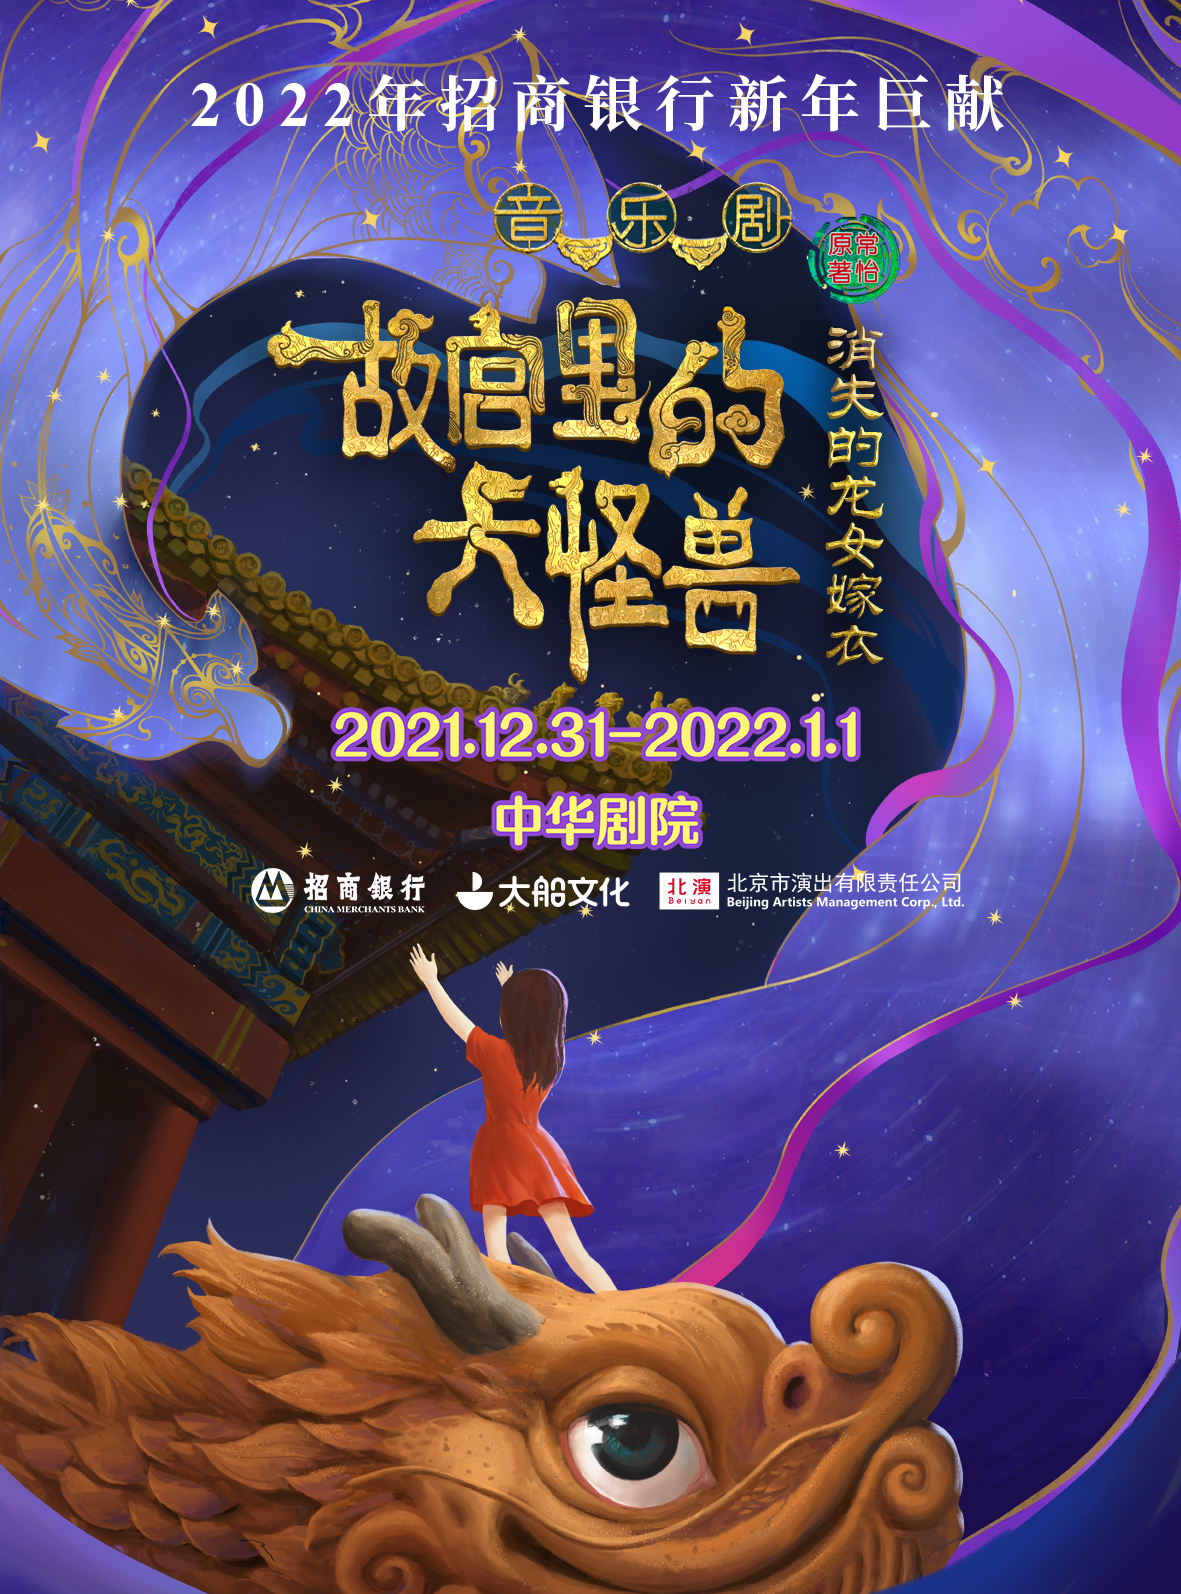 【天津】招商银行·家庭音乐剧《故宫里的大怪兽之消失的龙女嫁衣》